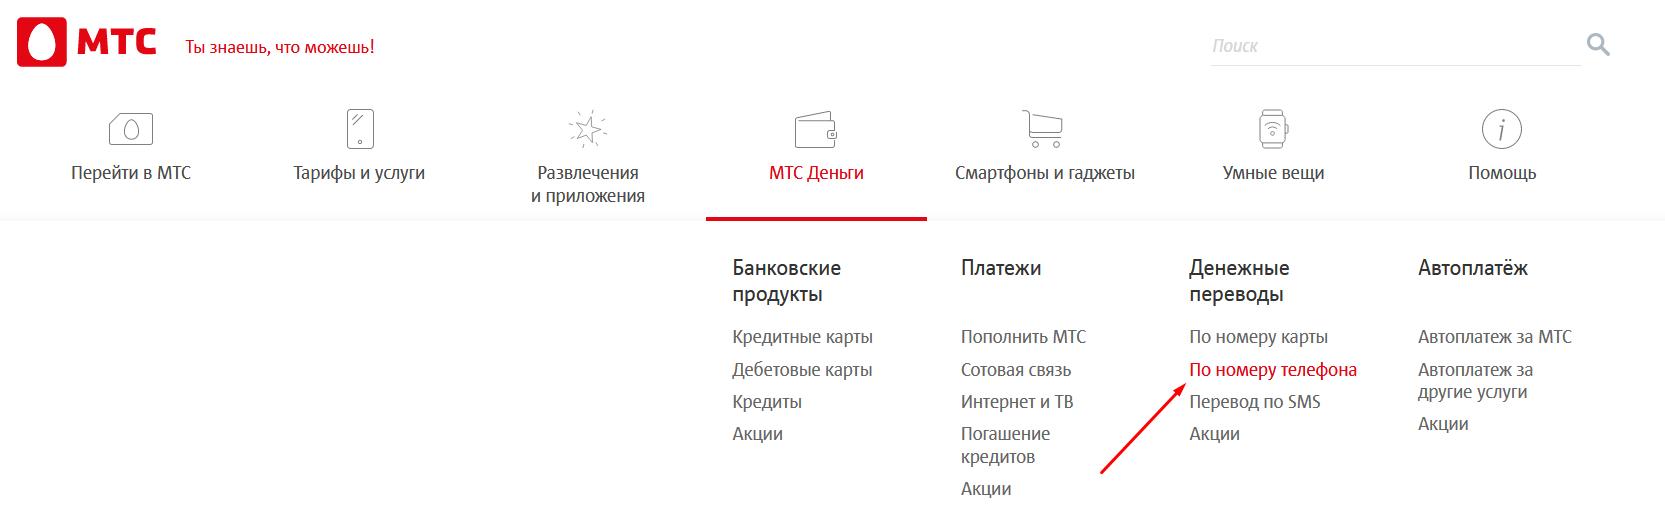 Перевод денег с МТС на Мегафон через сайт МТС